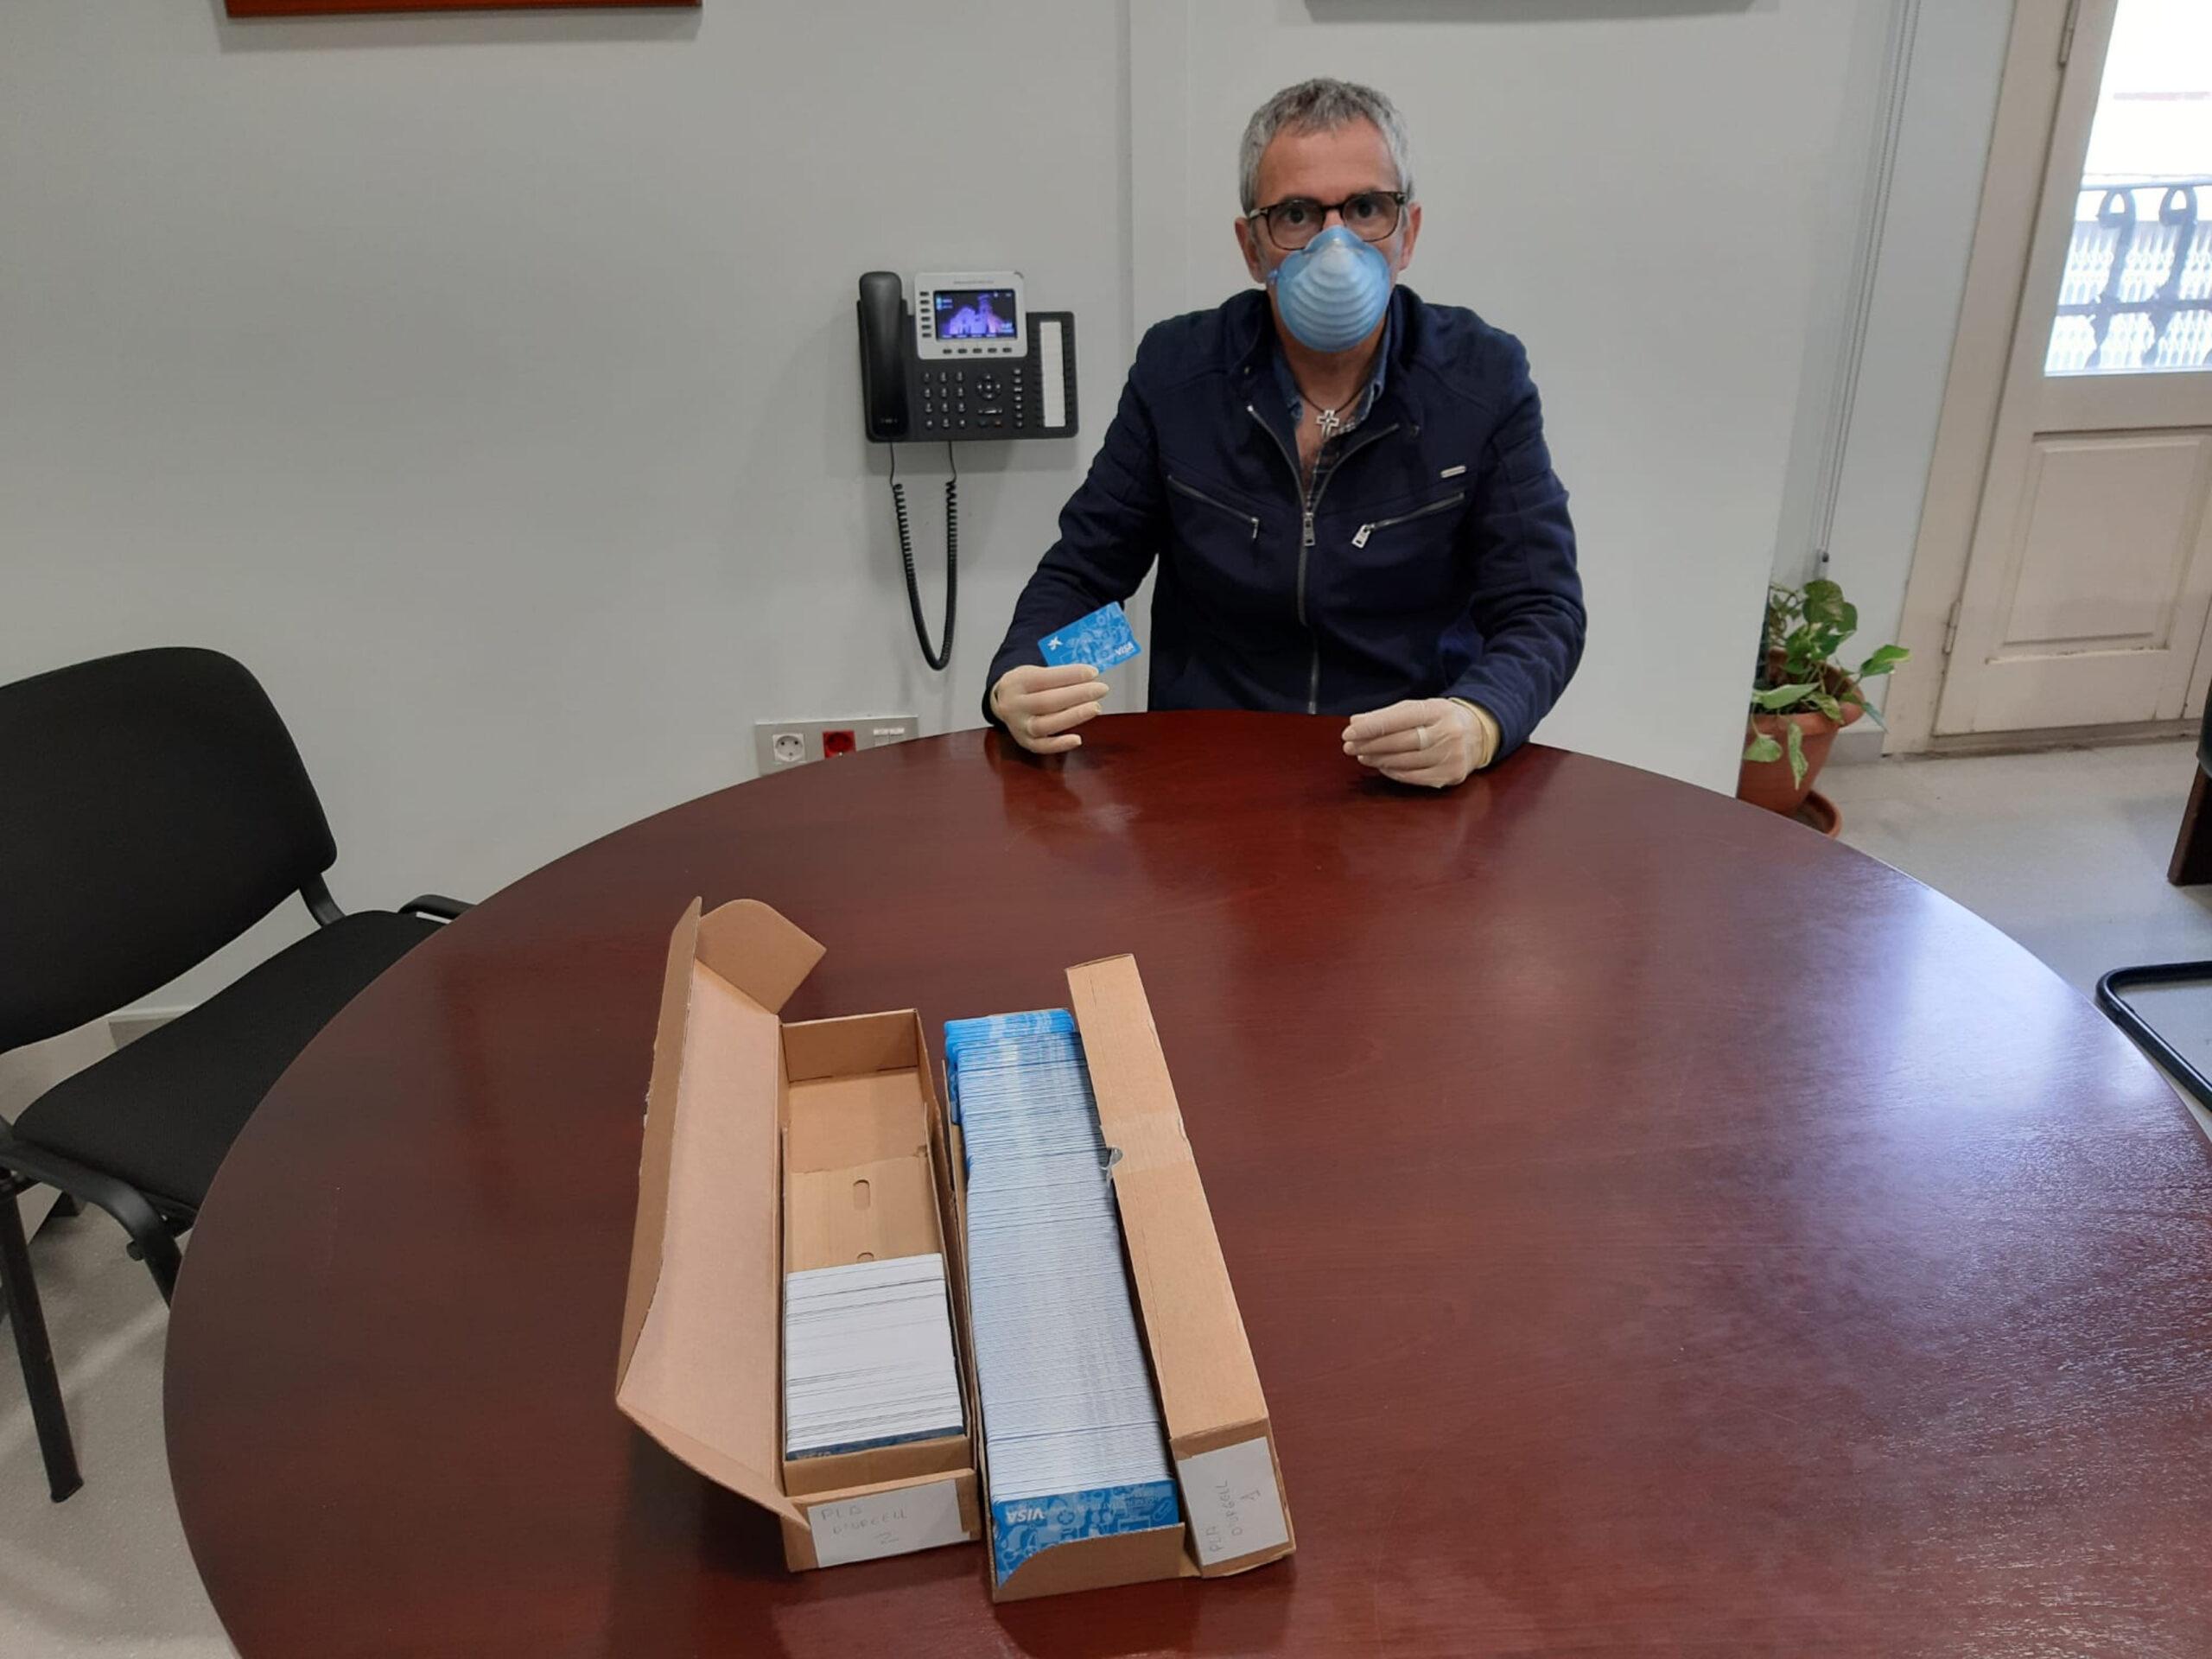 El president del Consell Comarcal del Pla d'Urgell, Rafel Panadés, amb les targetes moneder per famílies que reben ajuts de menjador. Imatge del 23 de març de 2020. (Horitzontal)